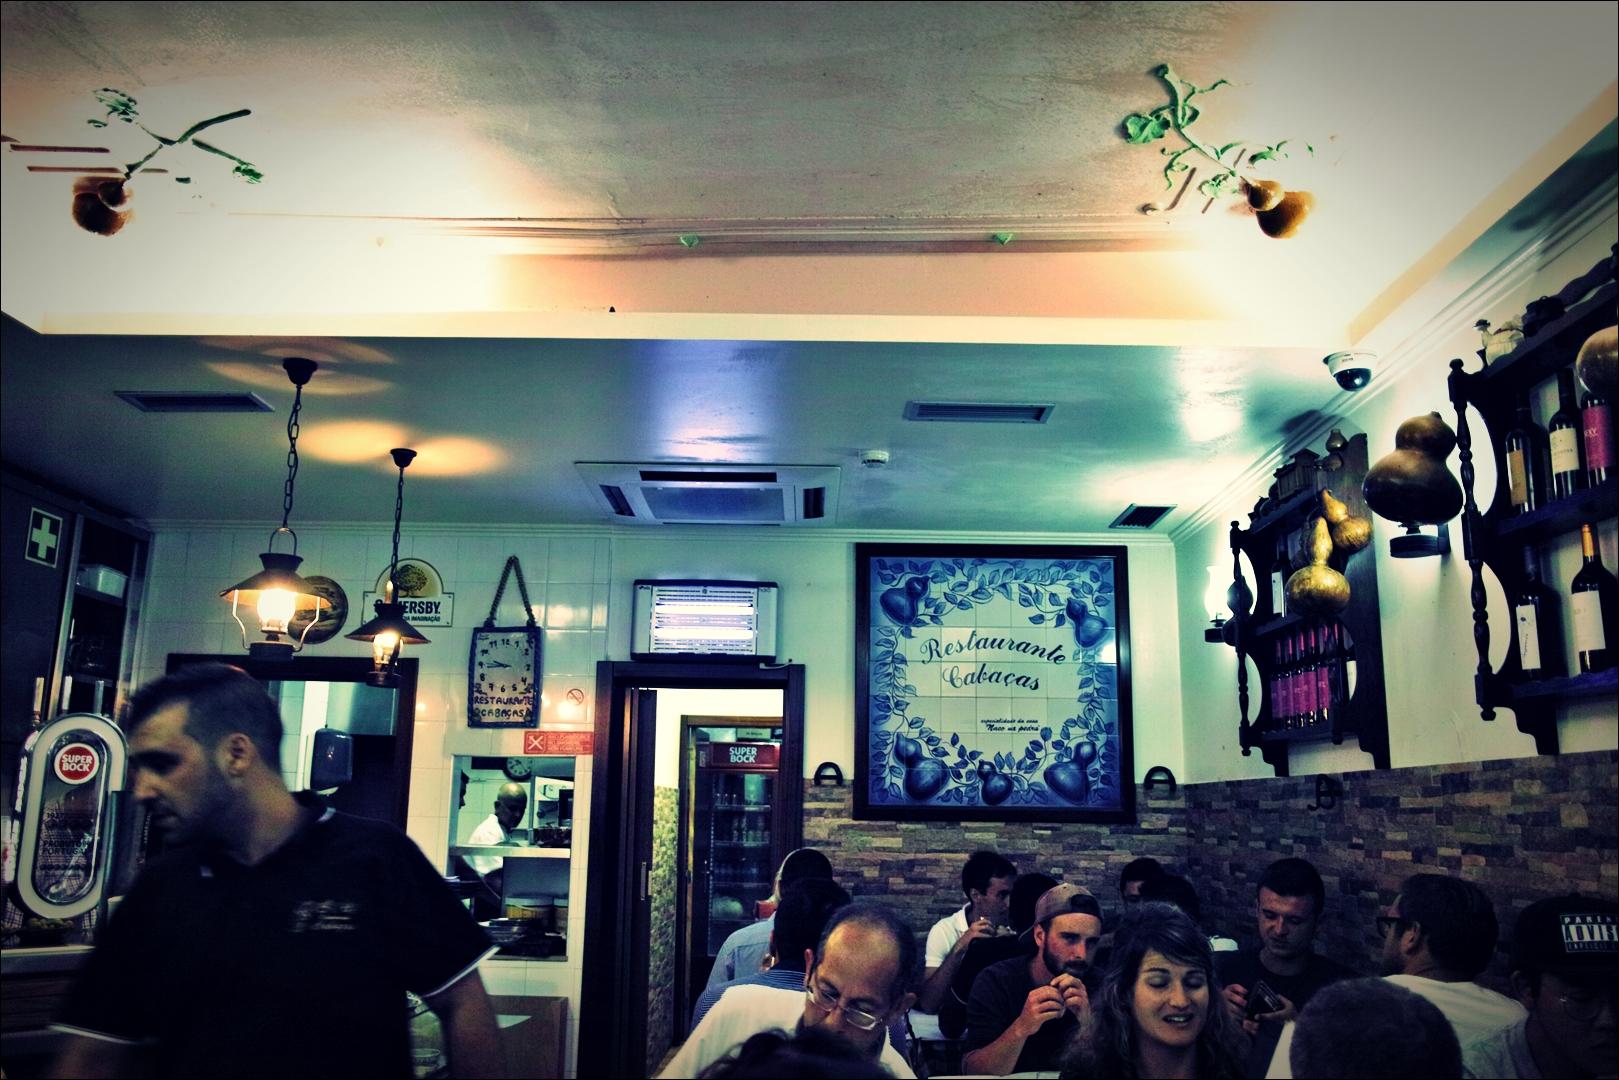 식당 내부-'리스본 카바사스 레스토랑'